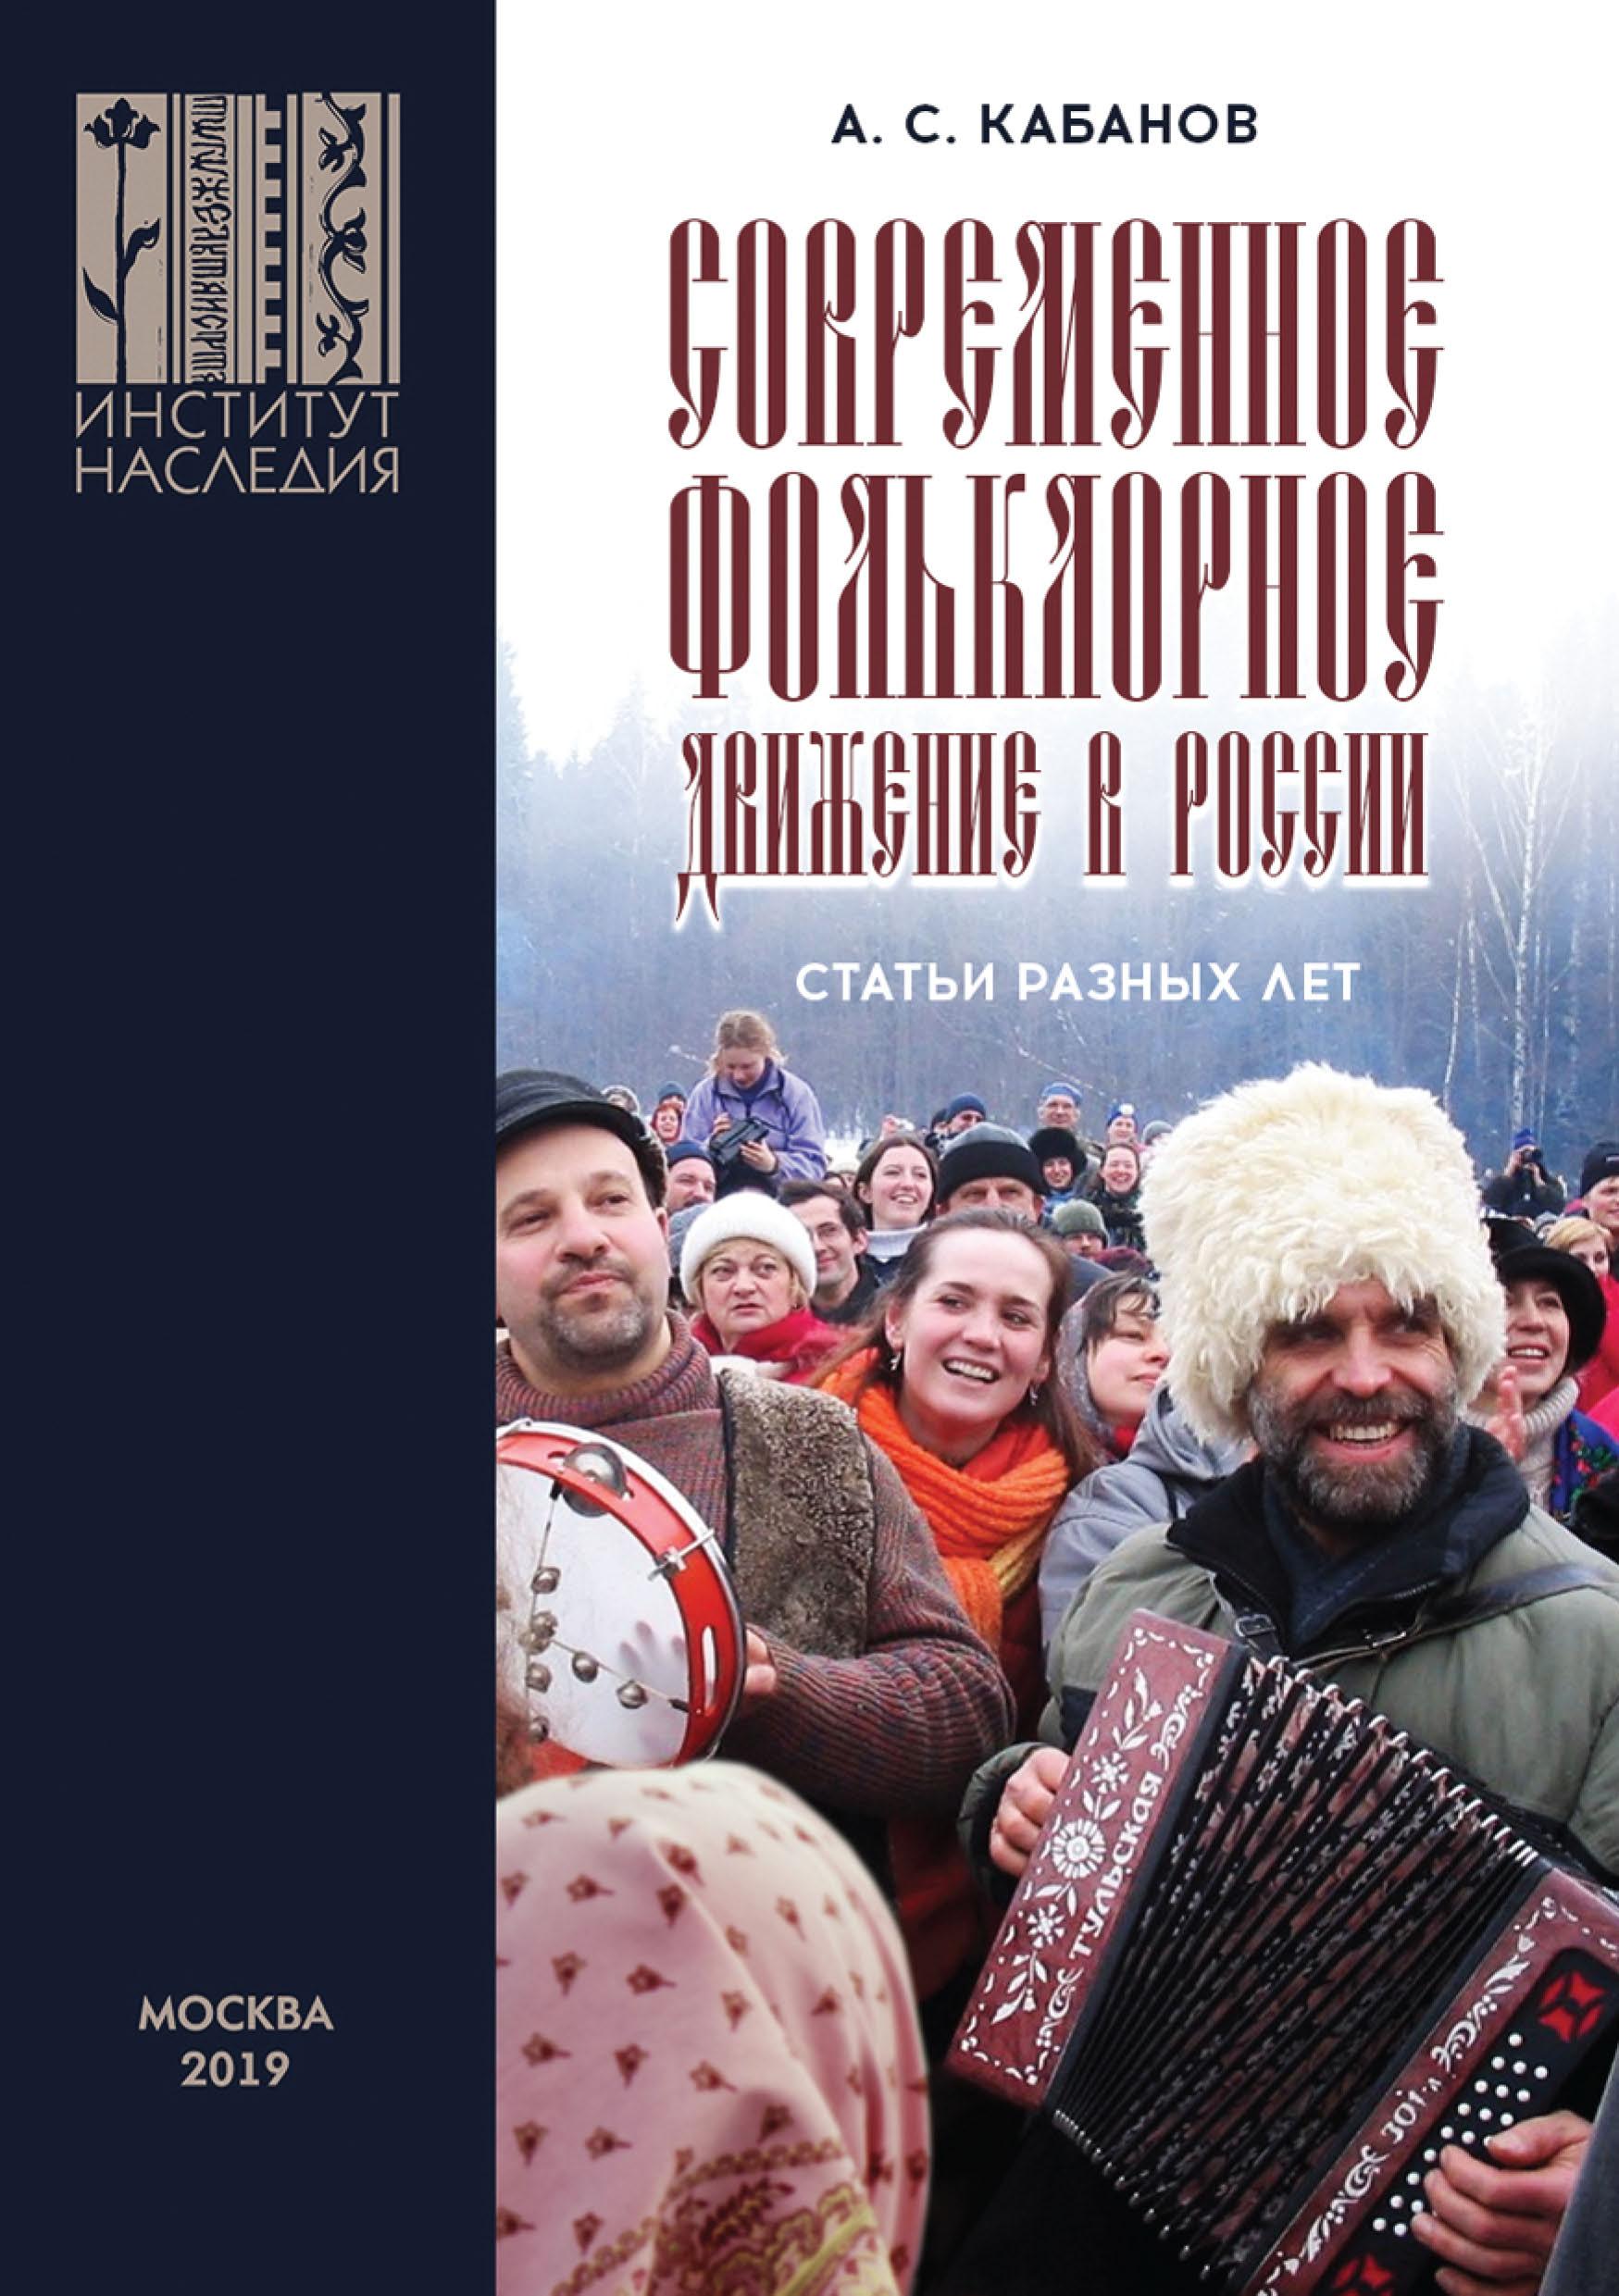 А. С. Кабанов Современное фольклорное движение в России кабанов в молекулярные основы селекции свиней